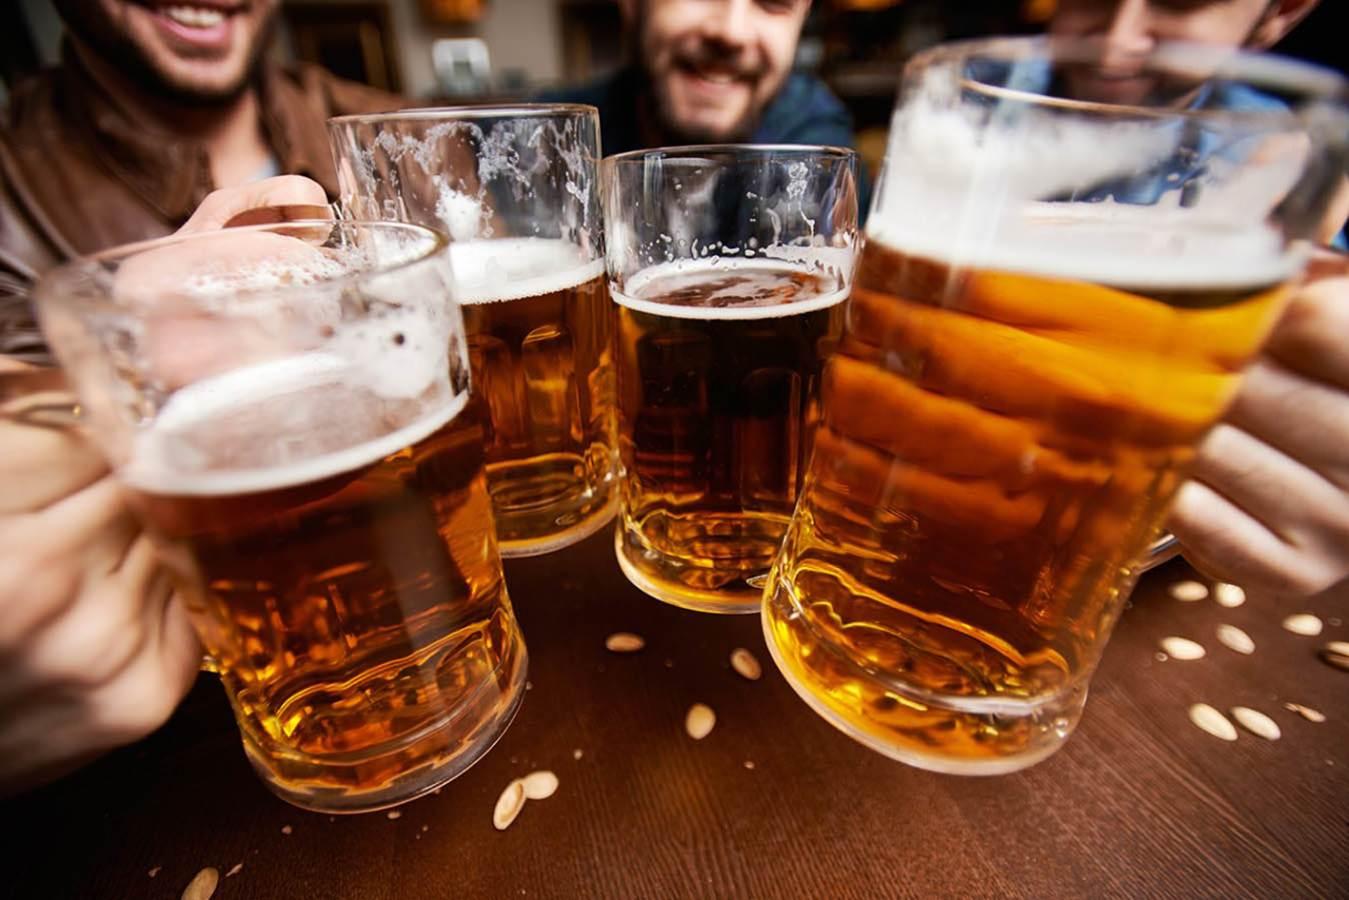 Natur Bier celebra Dia de São Patrício com chope alemão | Foto: Divulgação